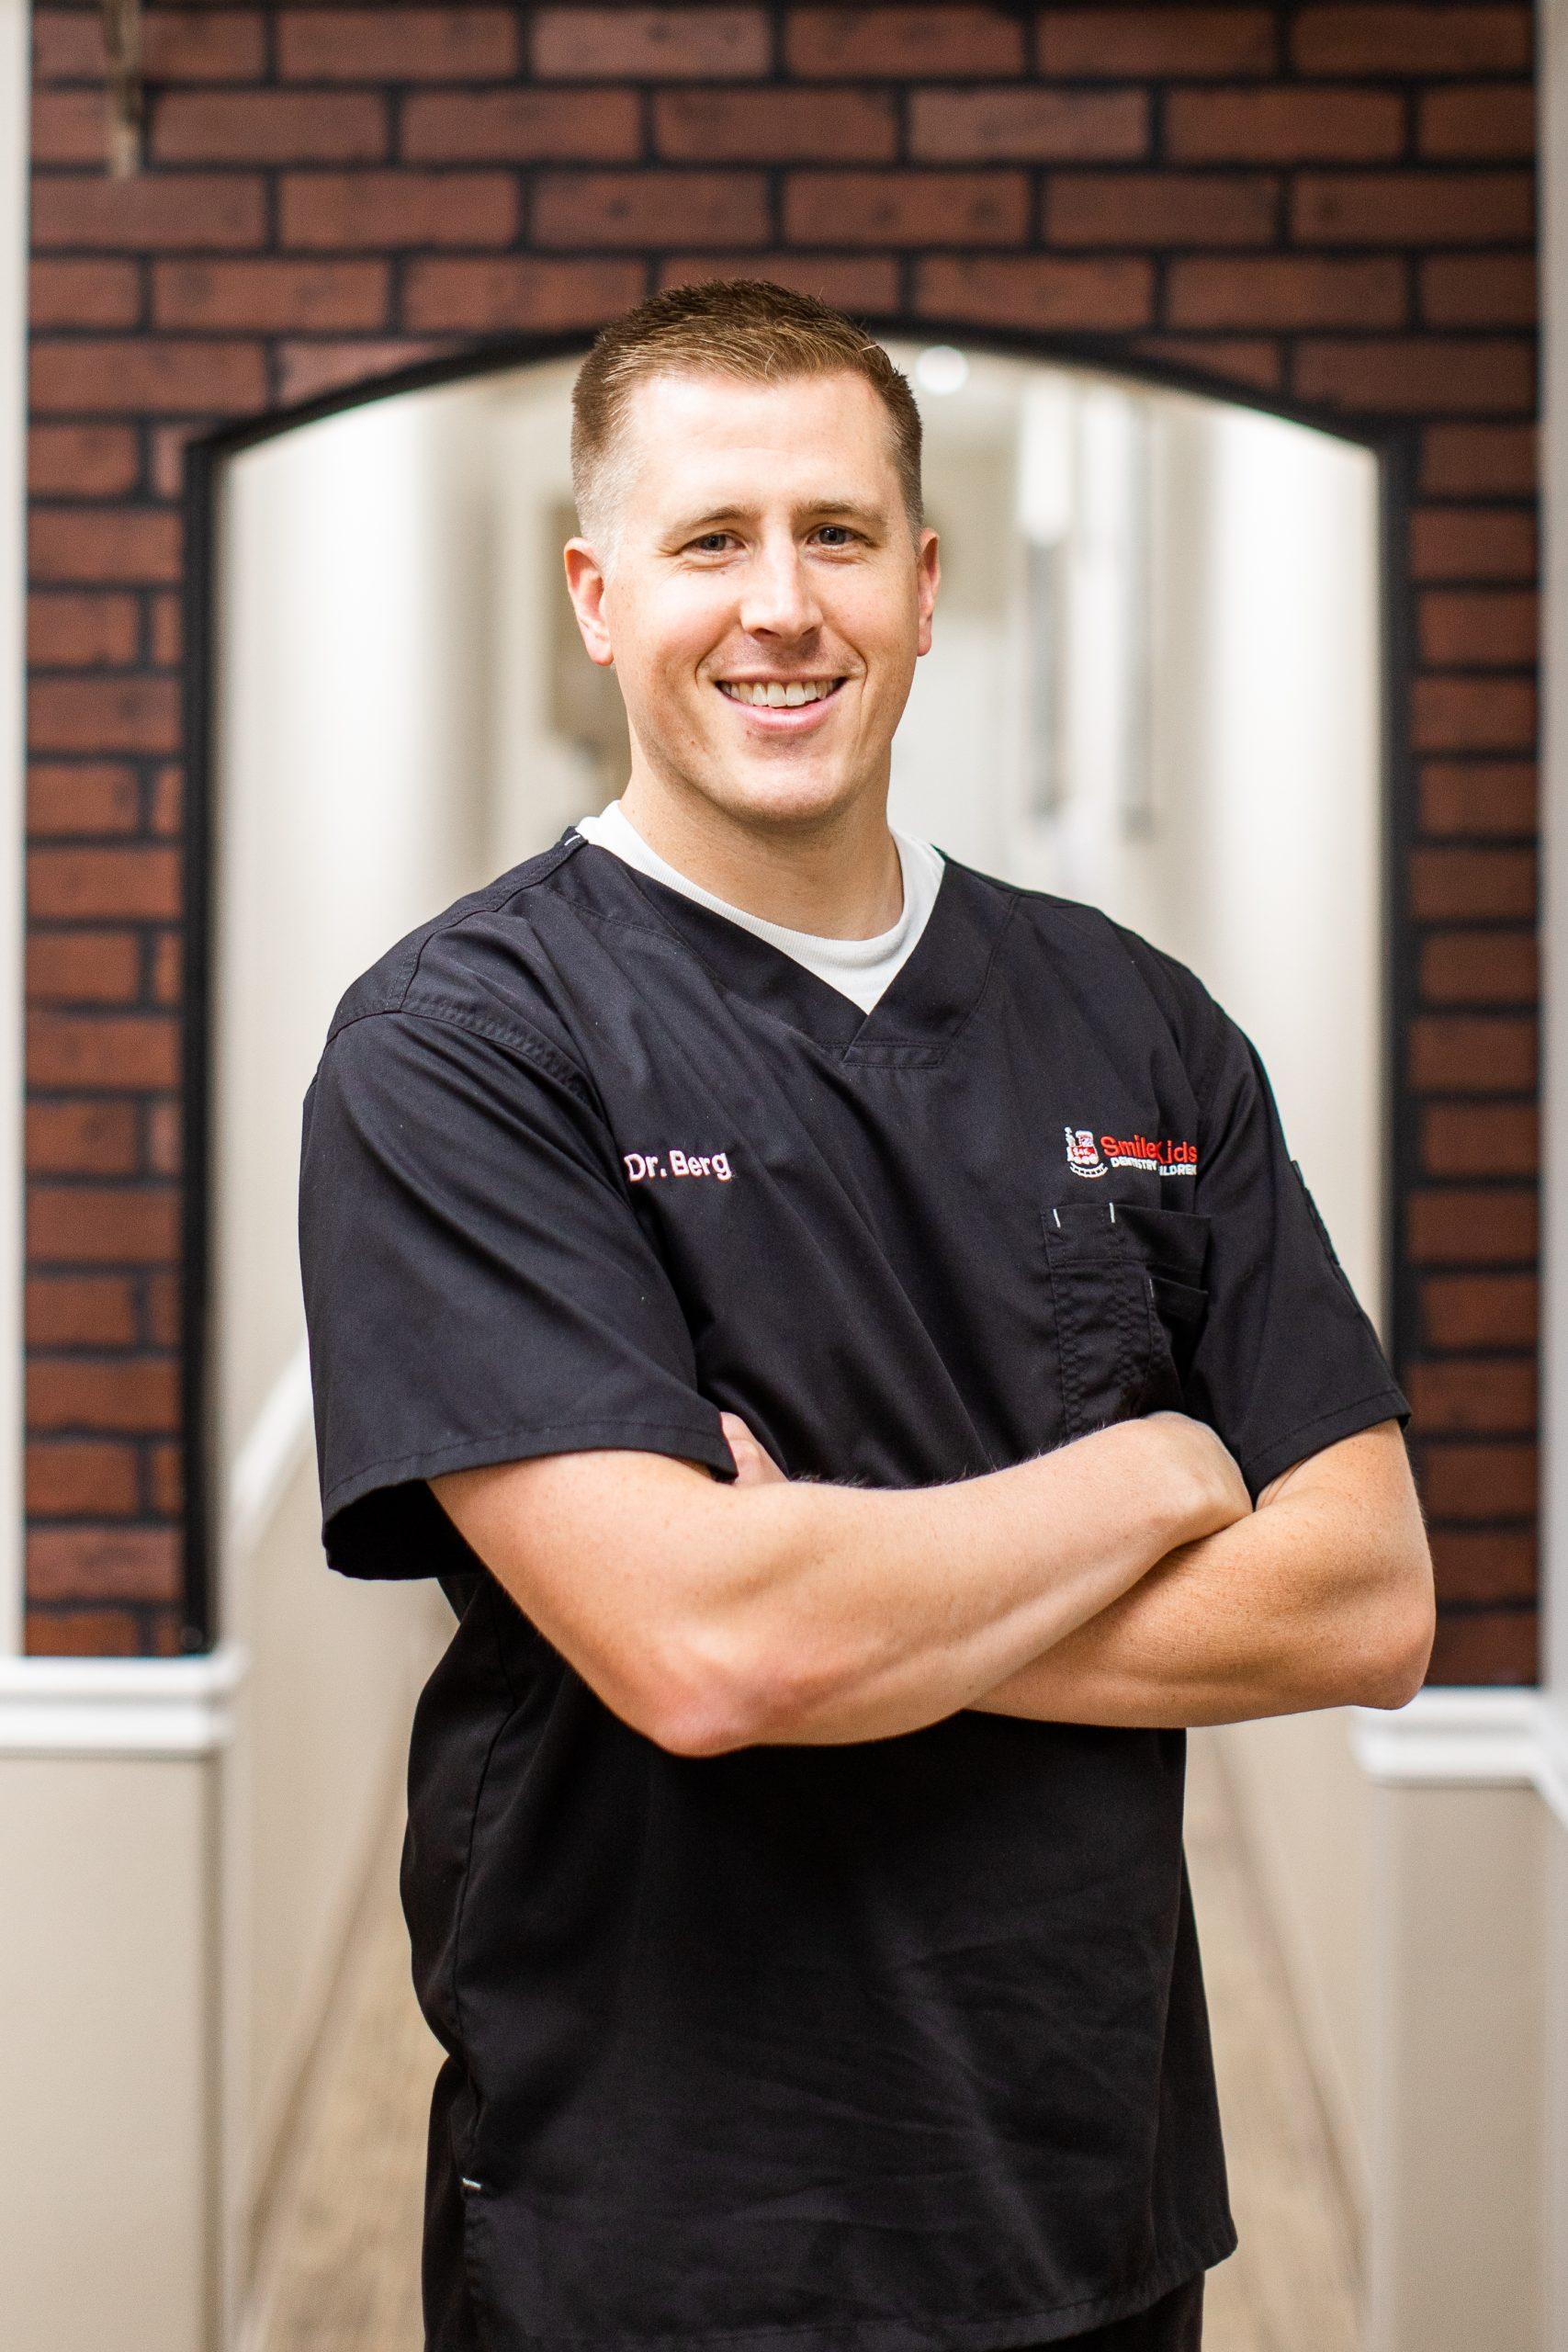 Dr. Berg